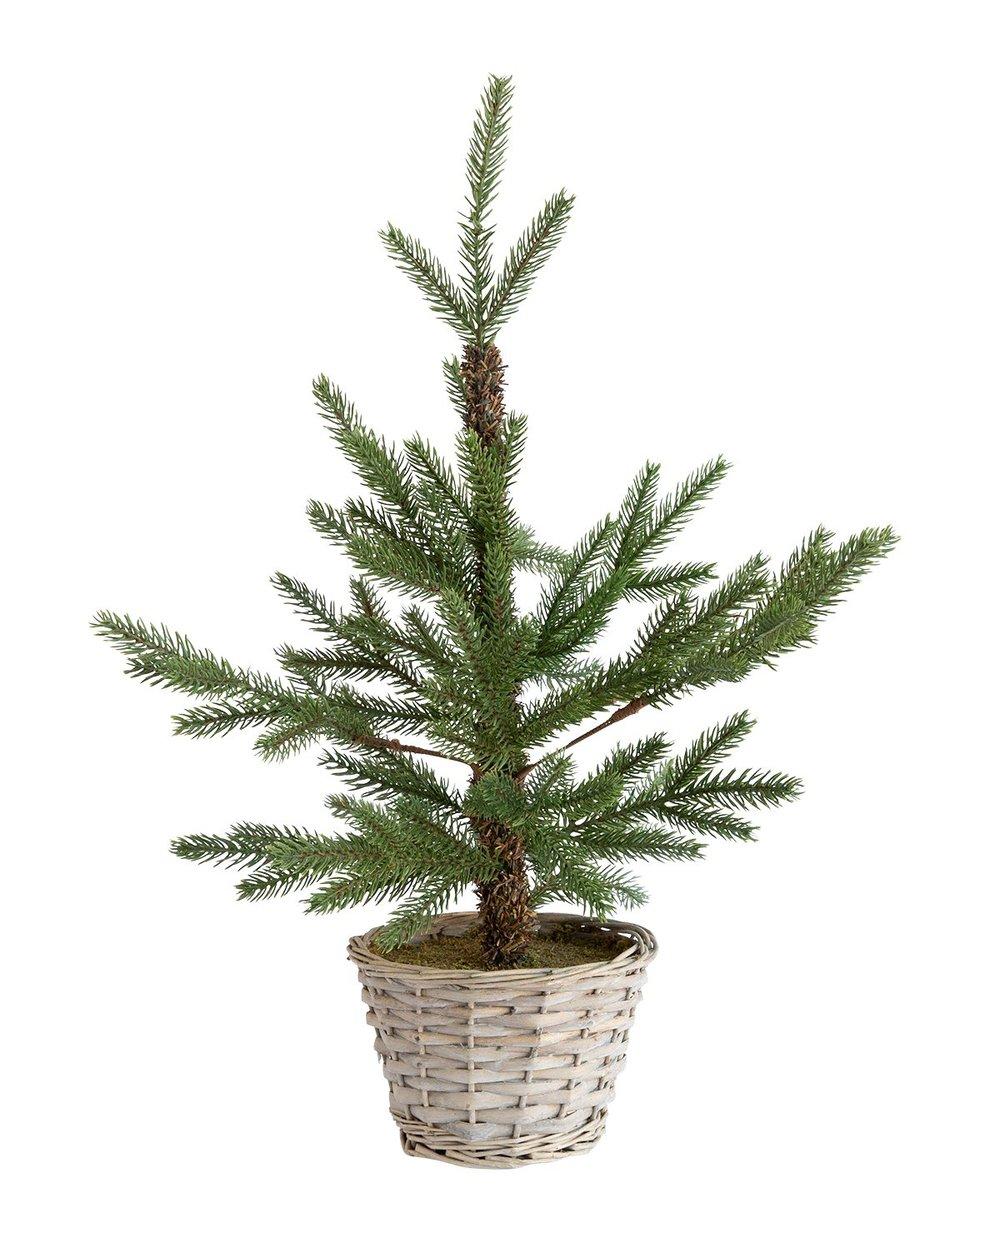 Faux_Tree_in_Wicker_Basket_1.jpg